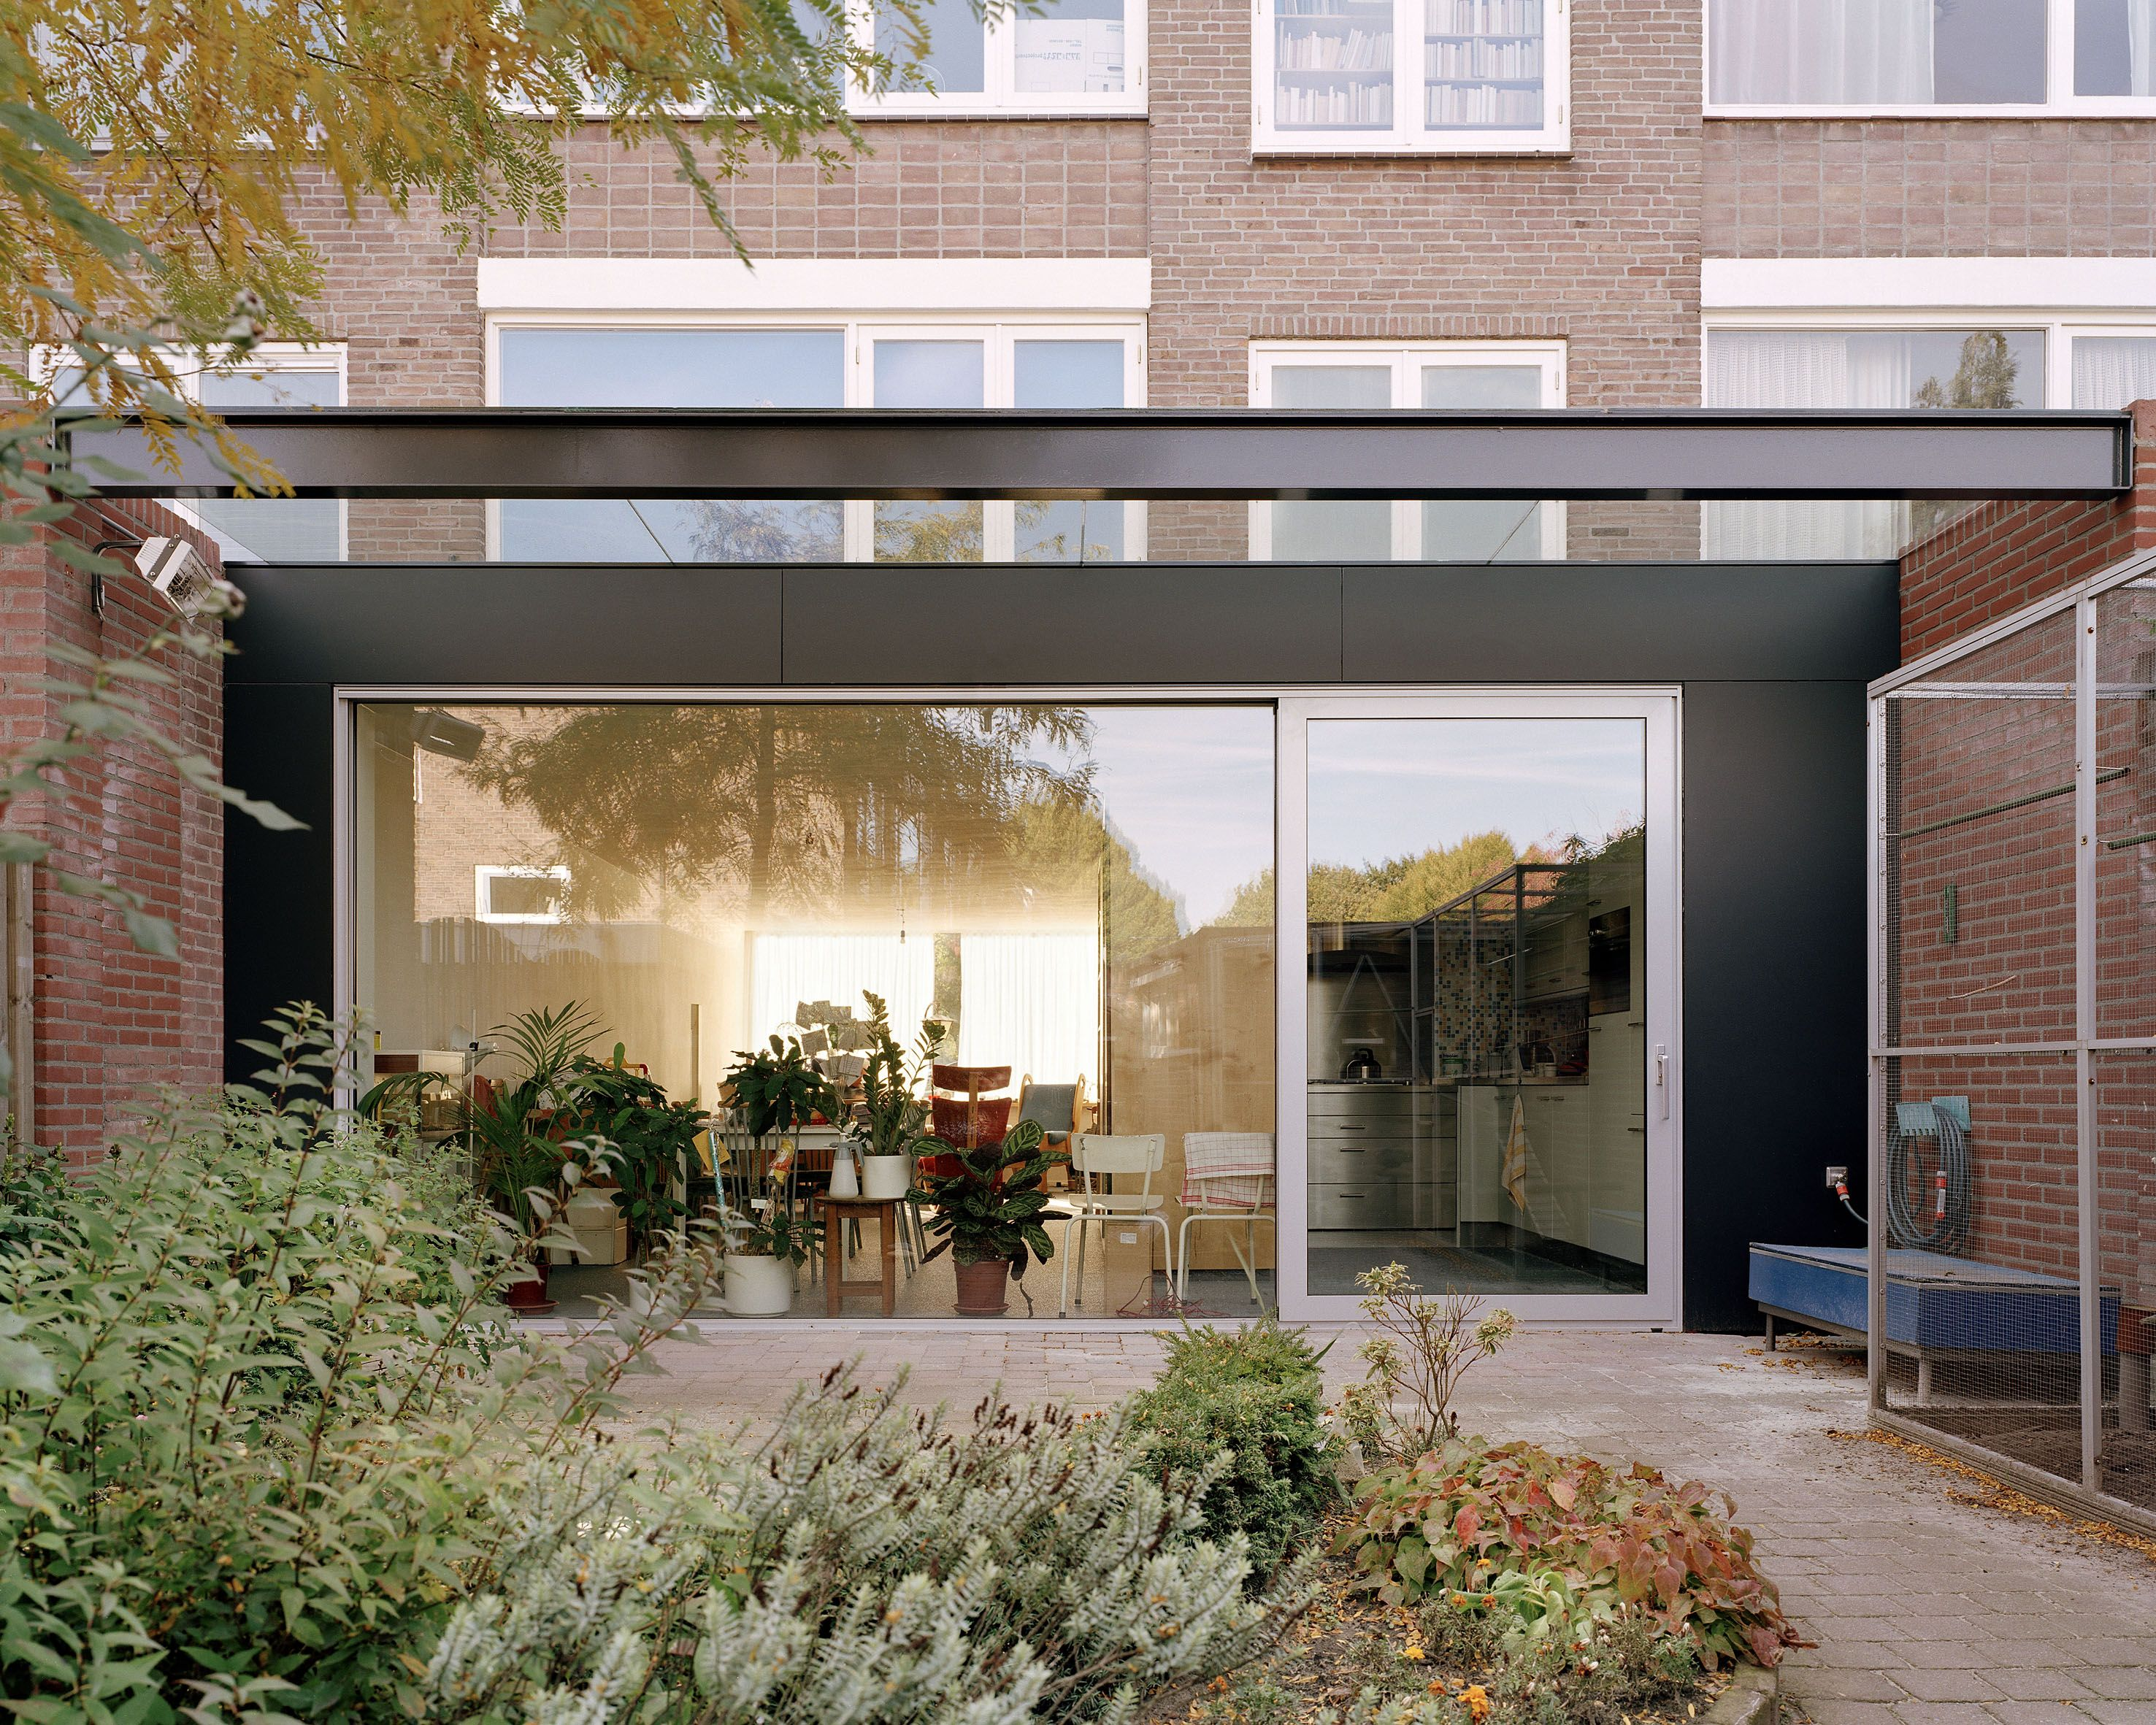 De opdrachtgevers wilden meer licht in hun jaren 60 woning en tevens een herinrichting van - Moderne entreehal ...